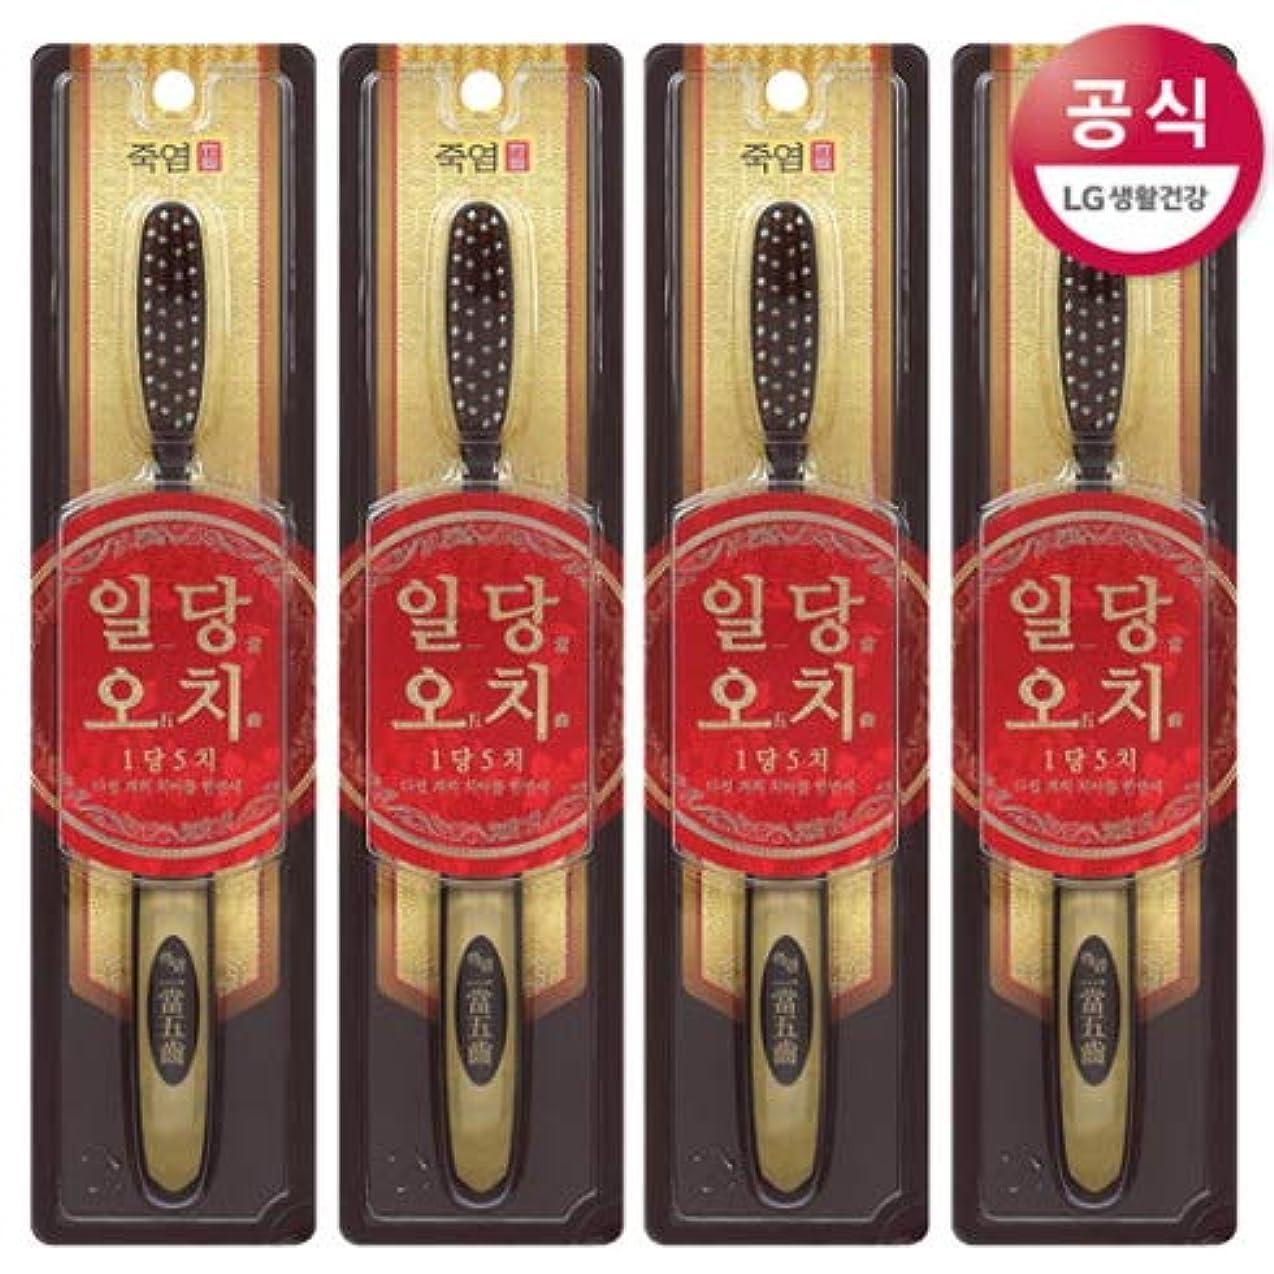 並外れて賞賛する政令[LG HnB] Bamboo Salt Oodi toothbrush/竹塩日当越智歯ブラシ 5つの(海外直送品)